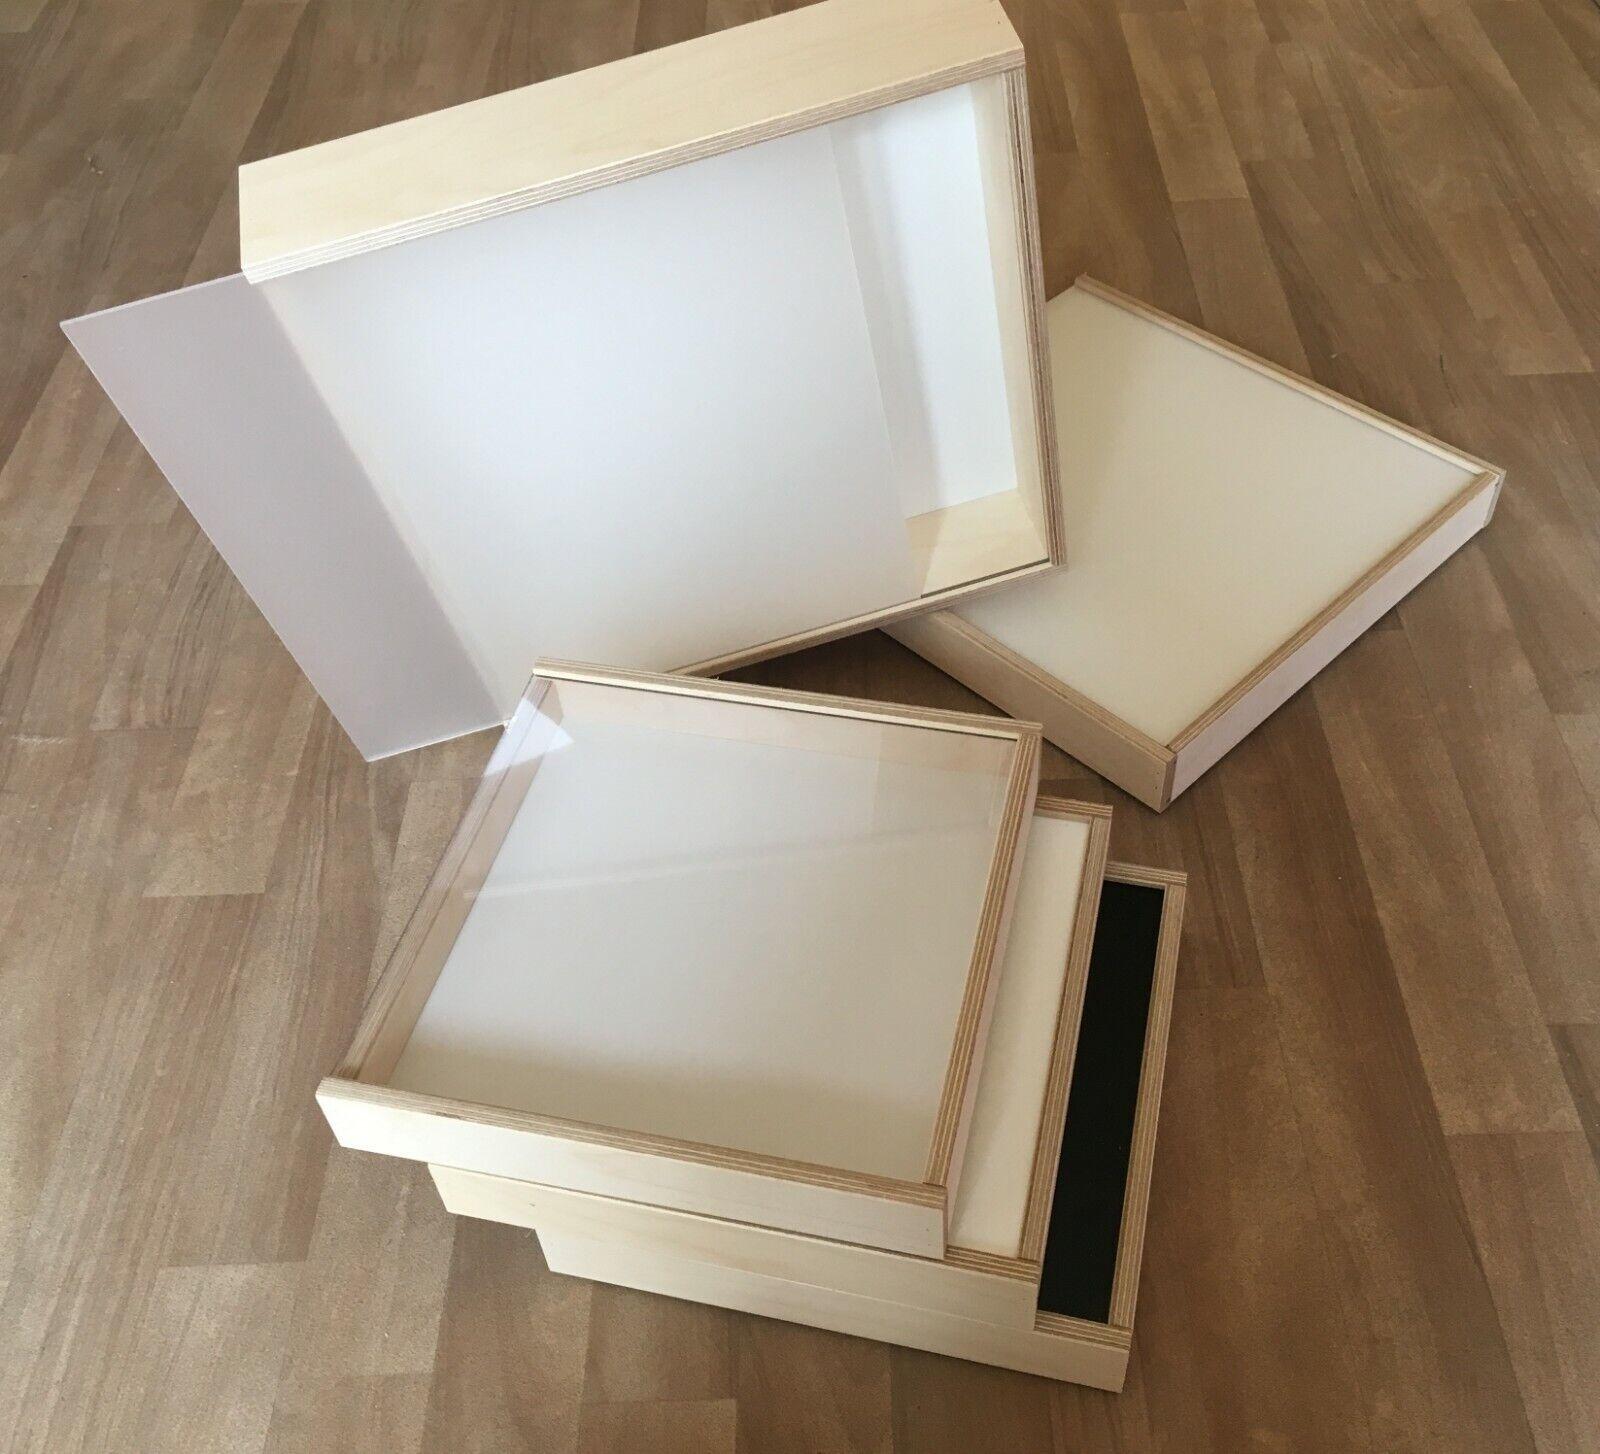 Verkaufshilfe mit Plexiglas Deckel Schmuck Schaukasten Schatulle Aufbewahrung